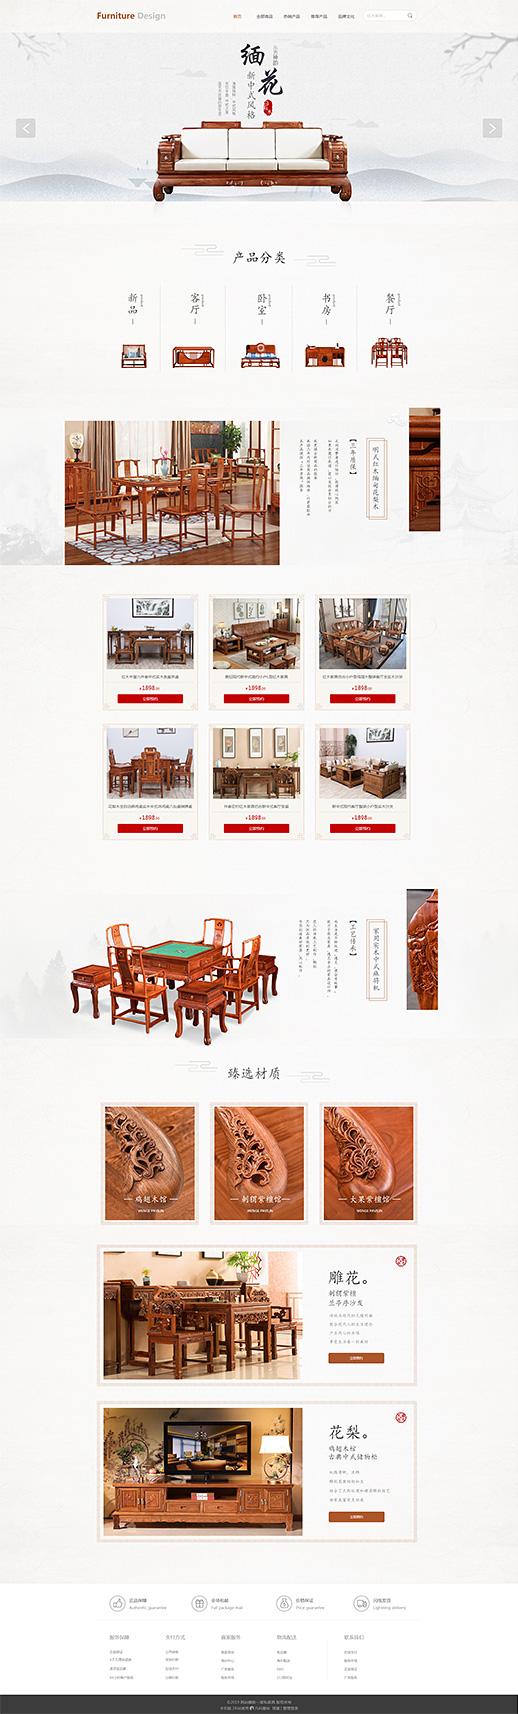 家装公司网站模板_红木家具网站模板